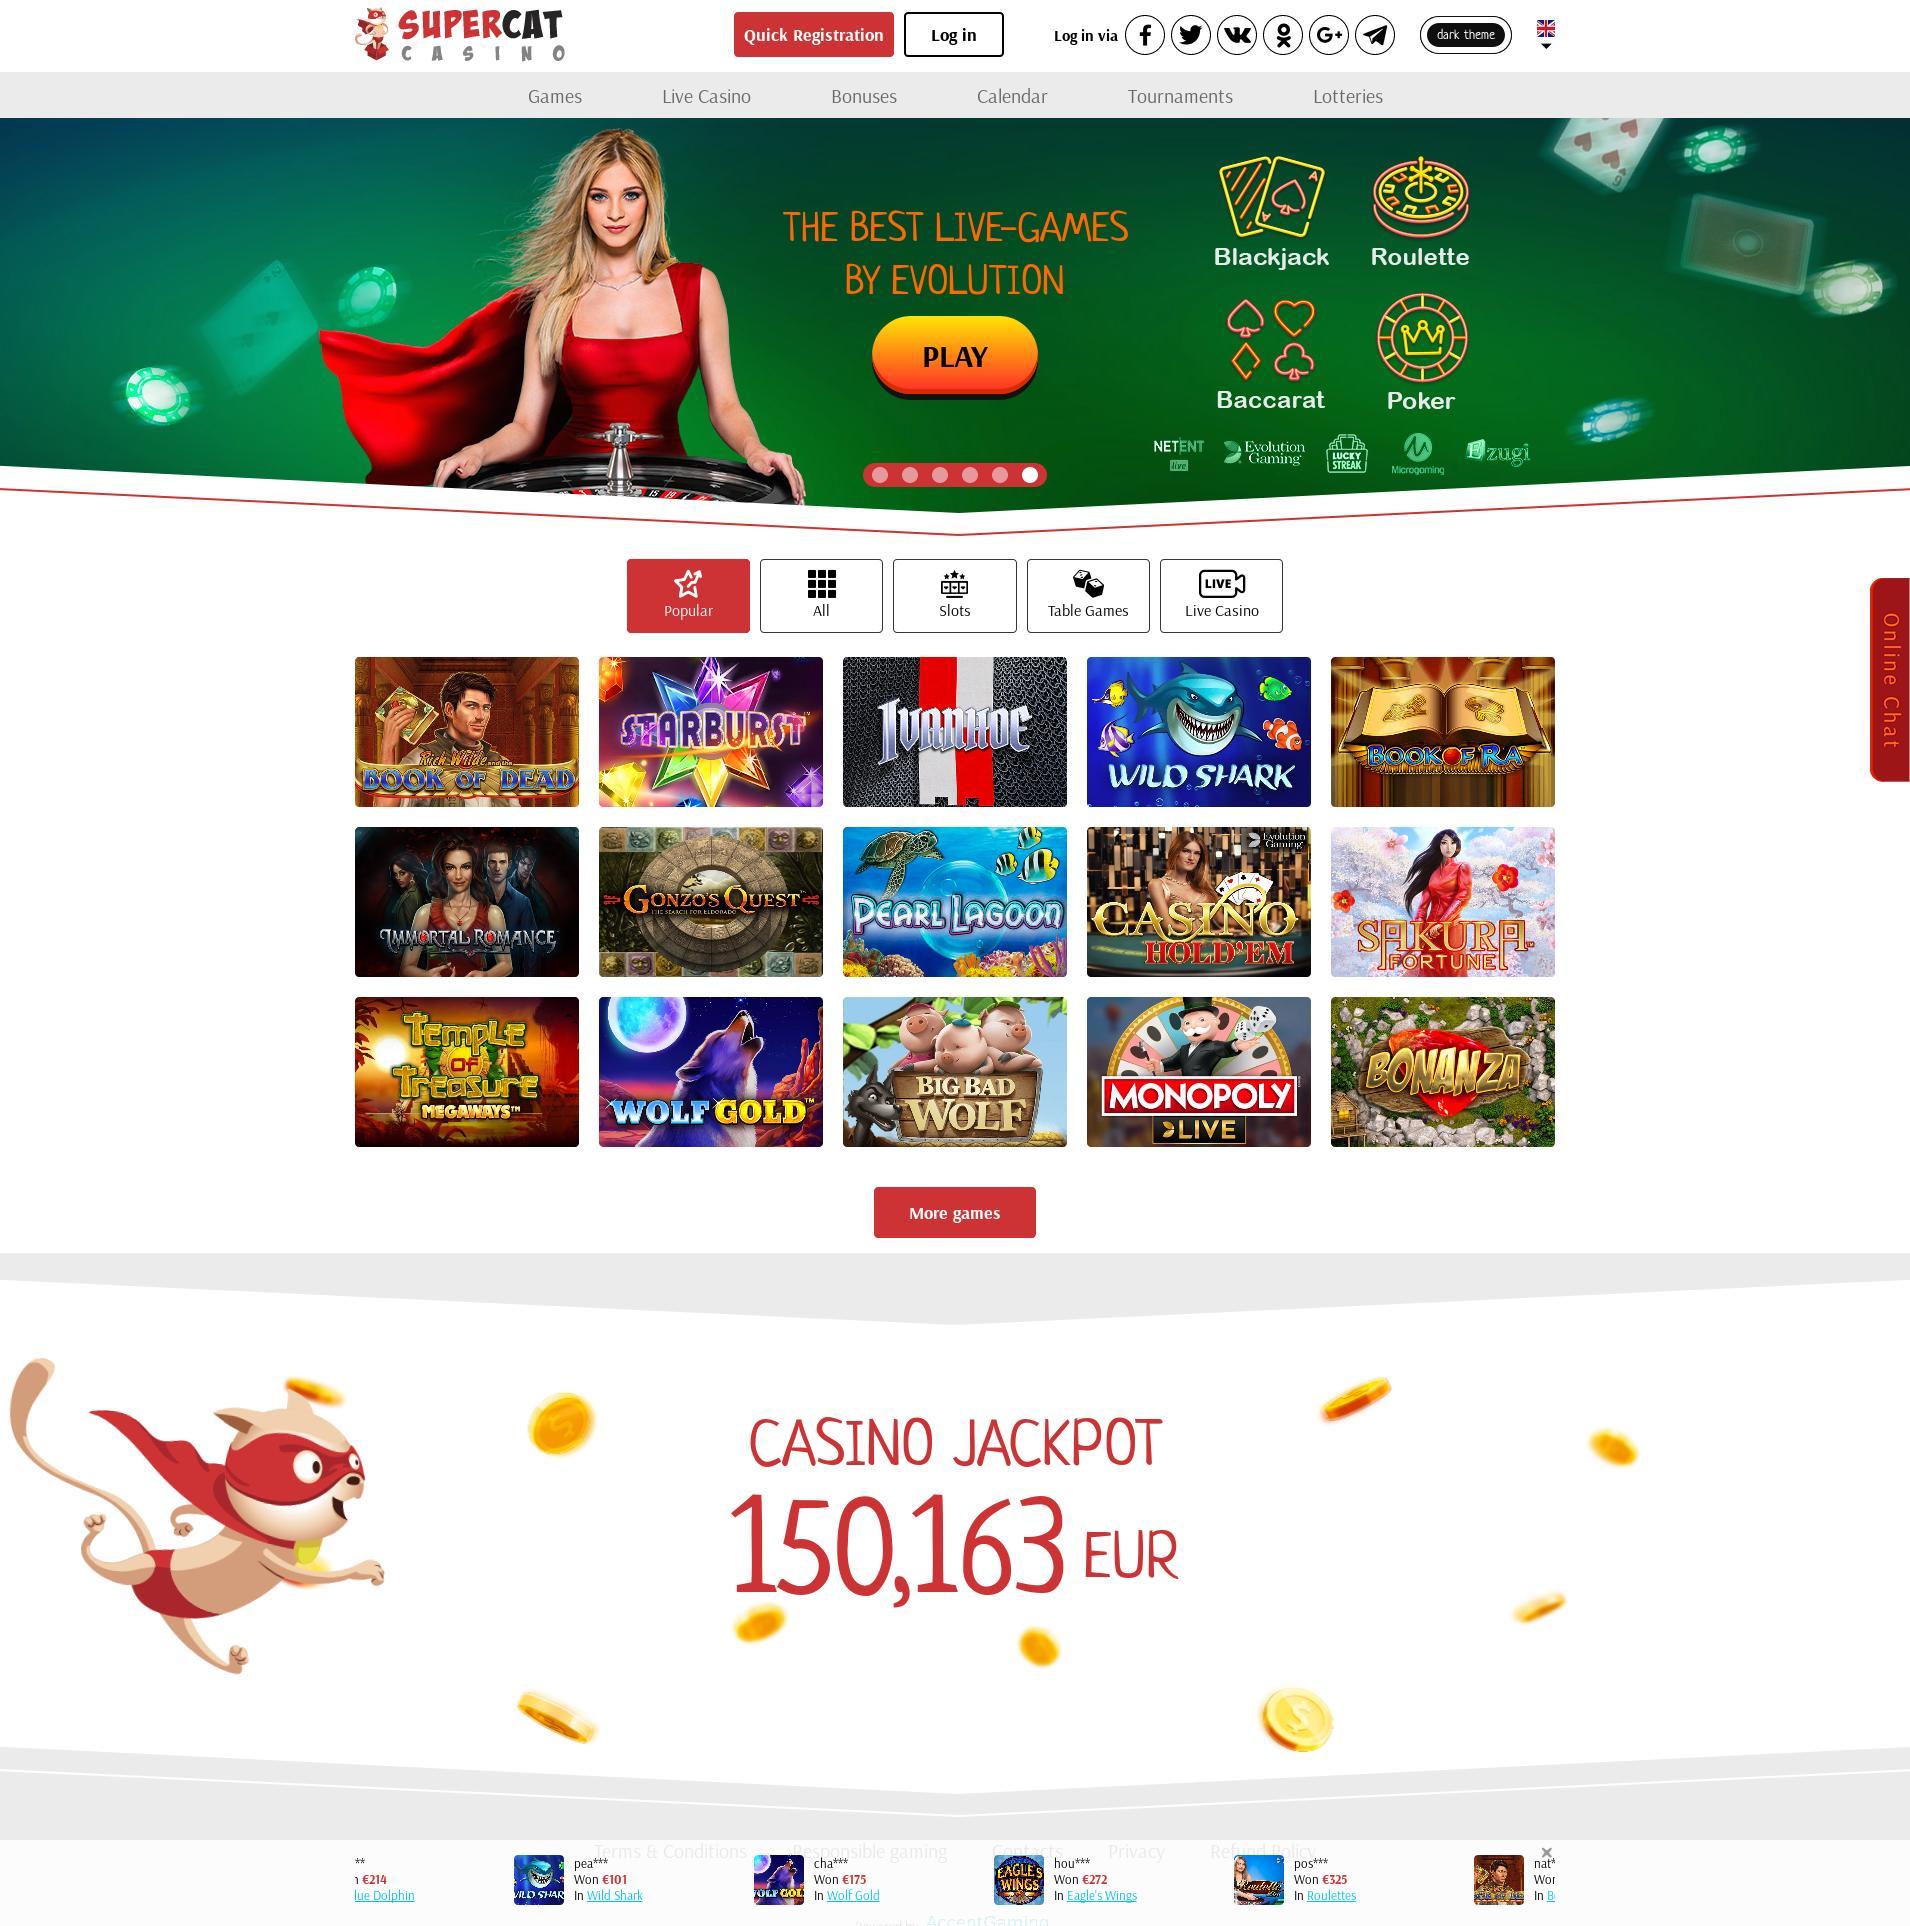 Obrazovka kasina Lobby 2019-09-21 pro Česká republika